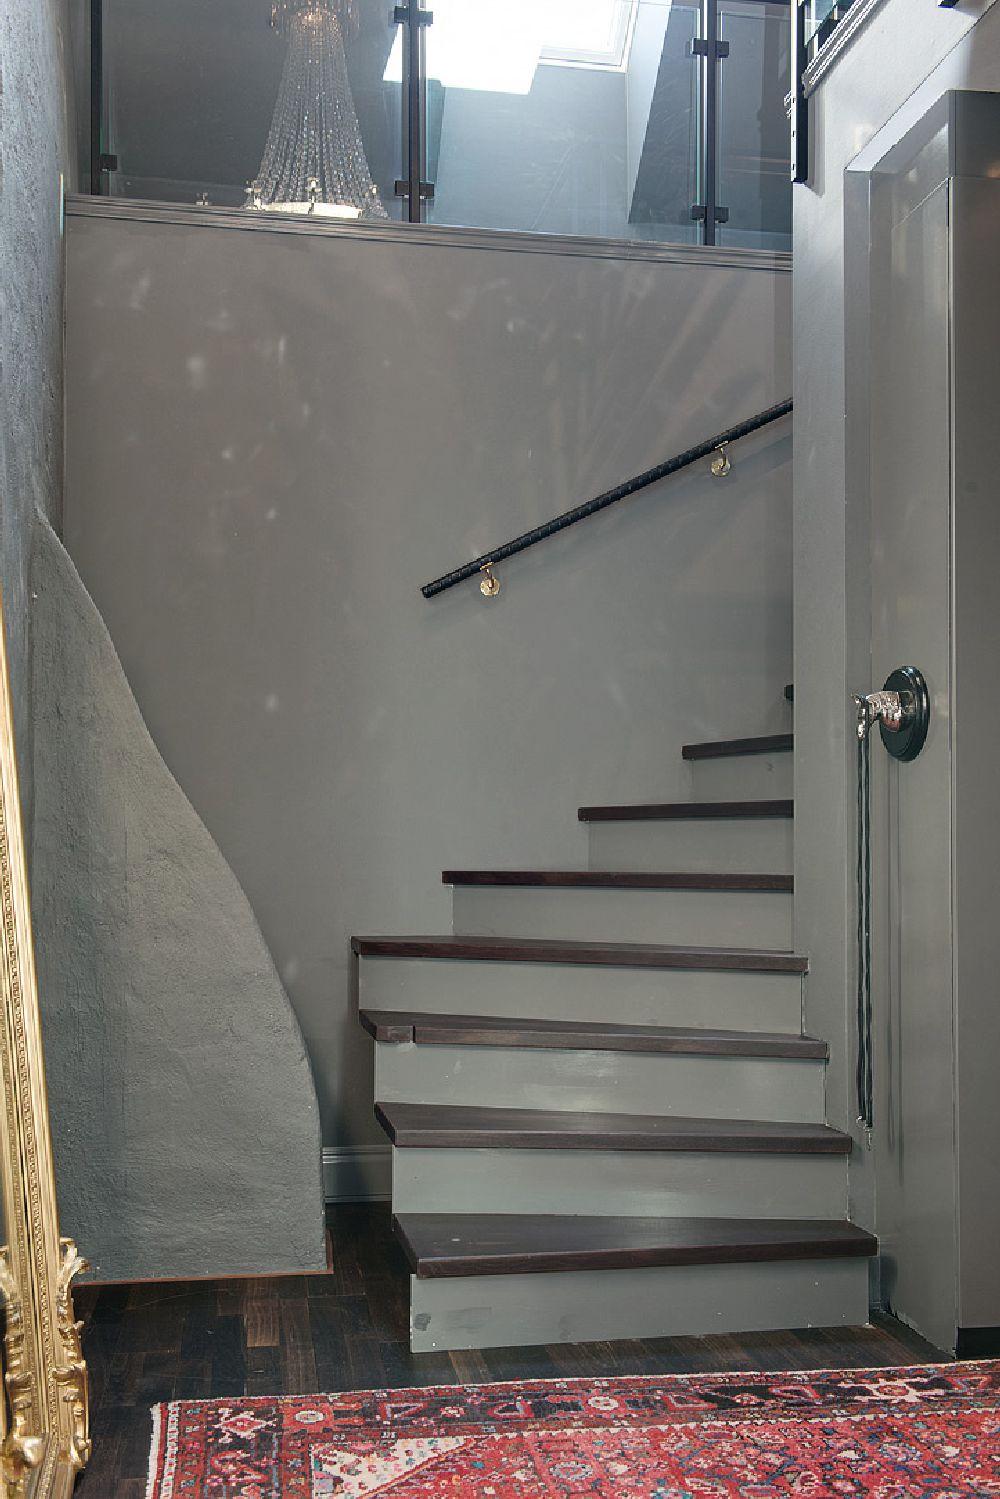 adelaparvu.com despre locuinta la mansarda cu pereti gri inchis, loft 120 mp Suedia, Foto Alvhem makleri (14)